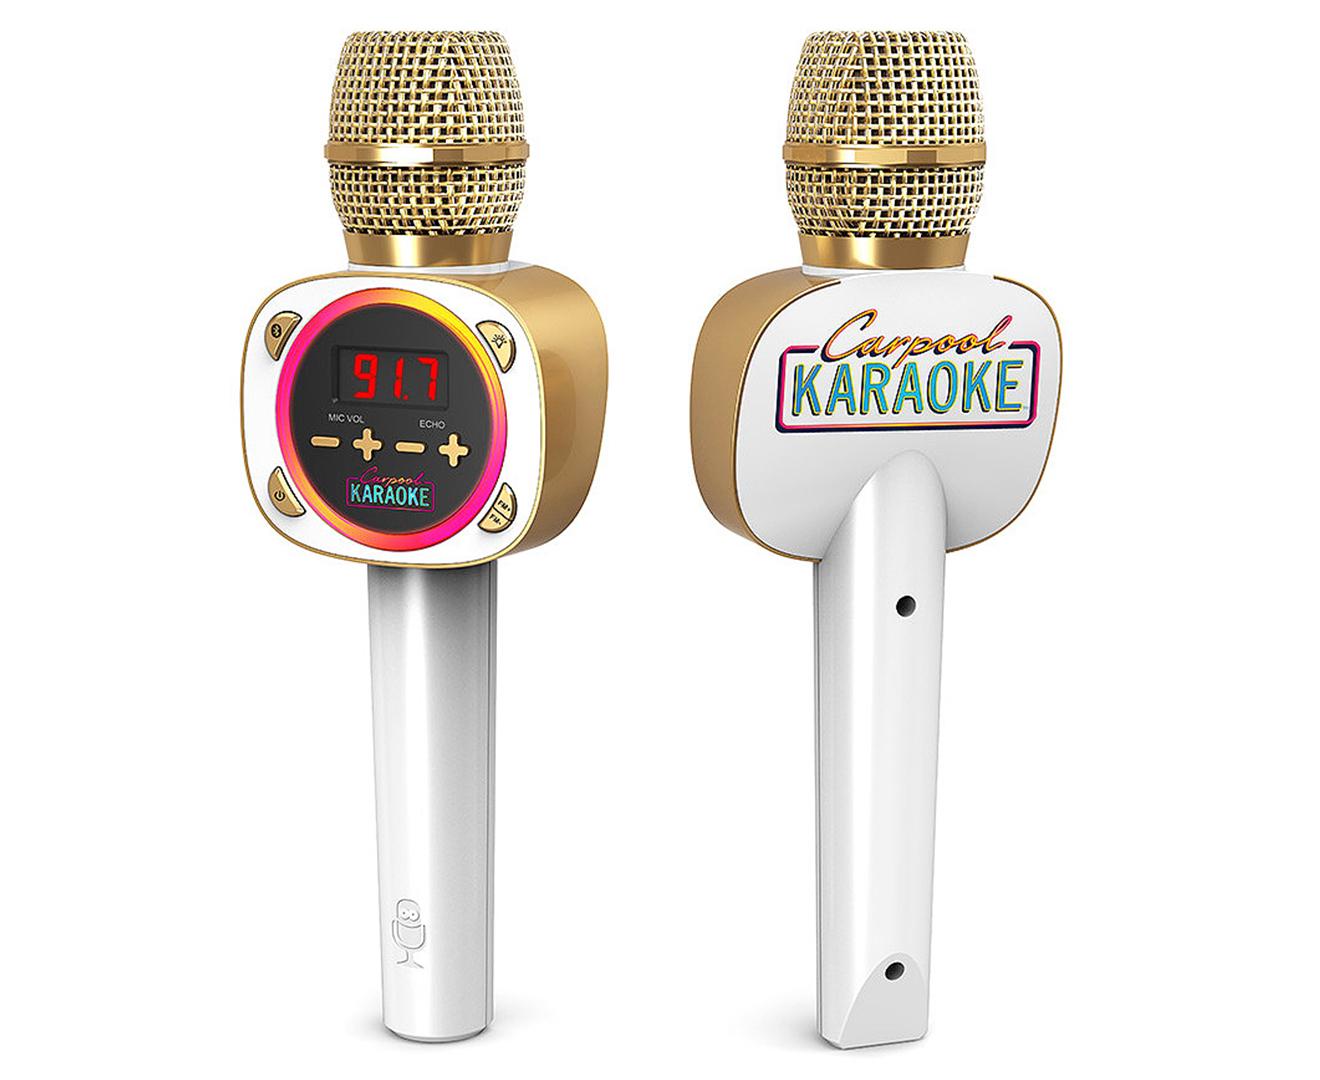 Singing Machine Carpool Karaoke | Beanstalk Mums